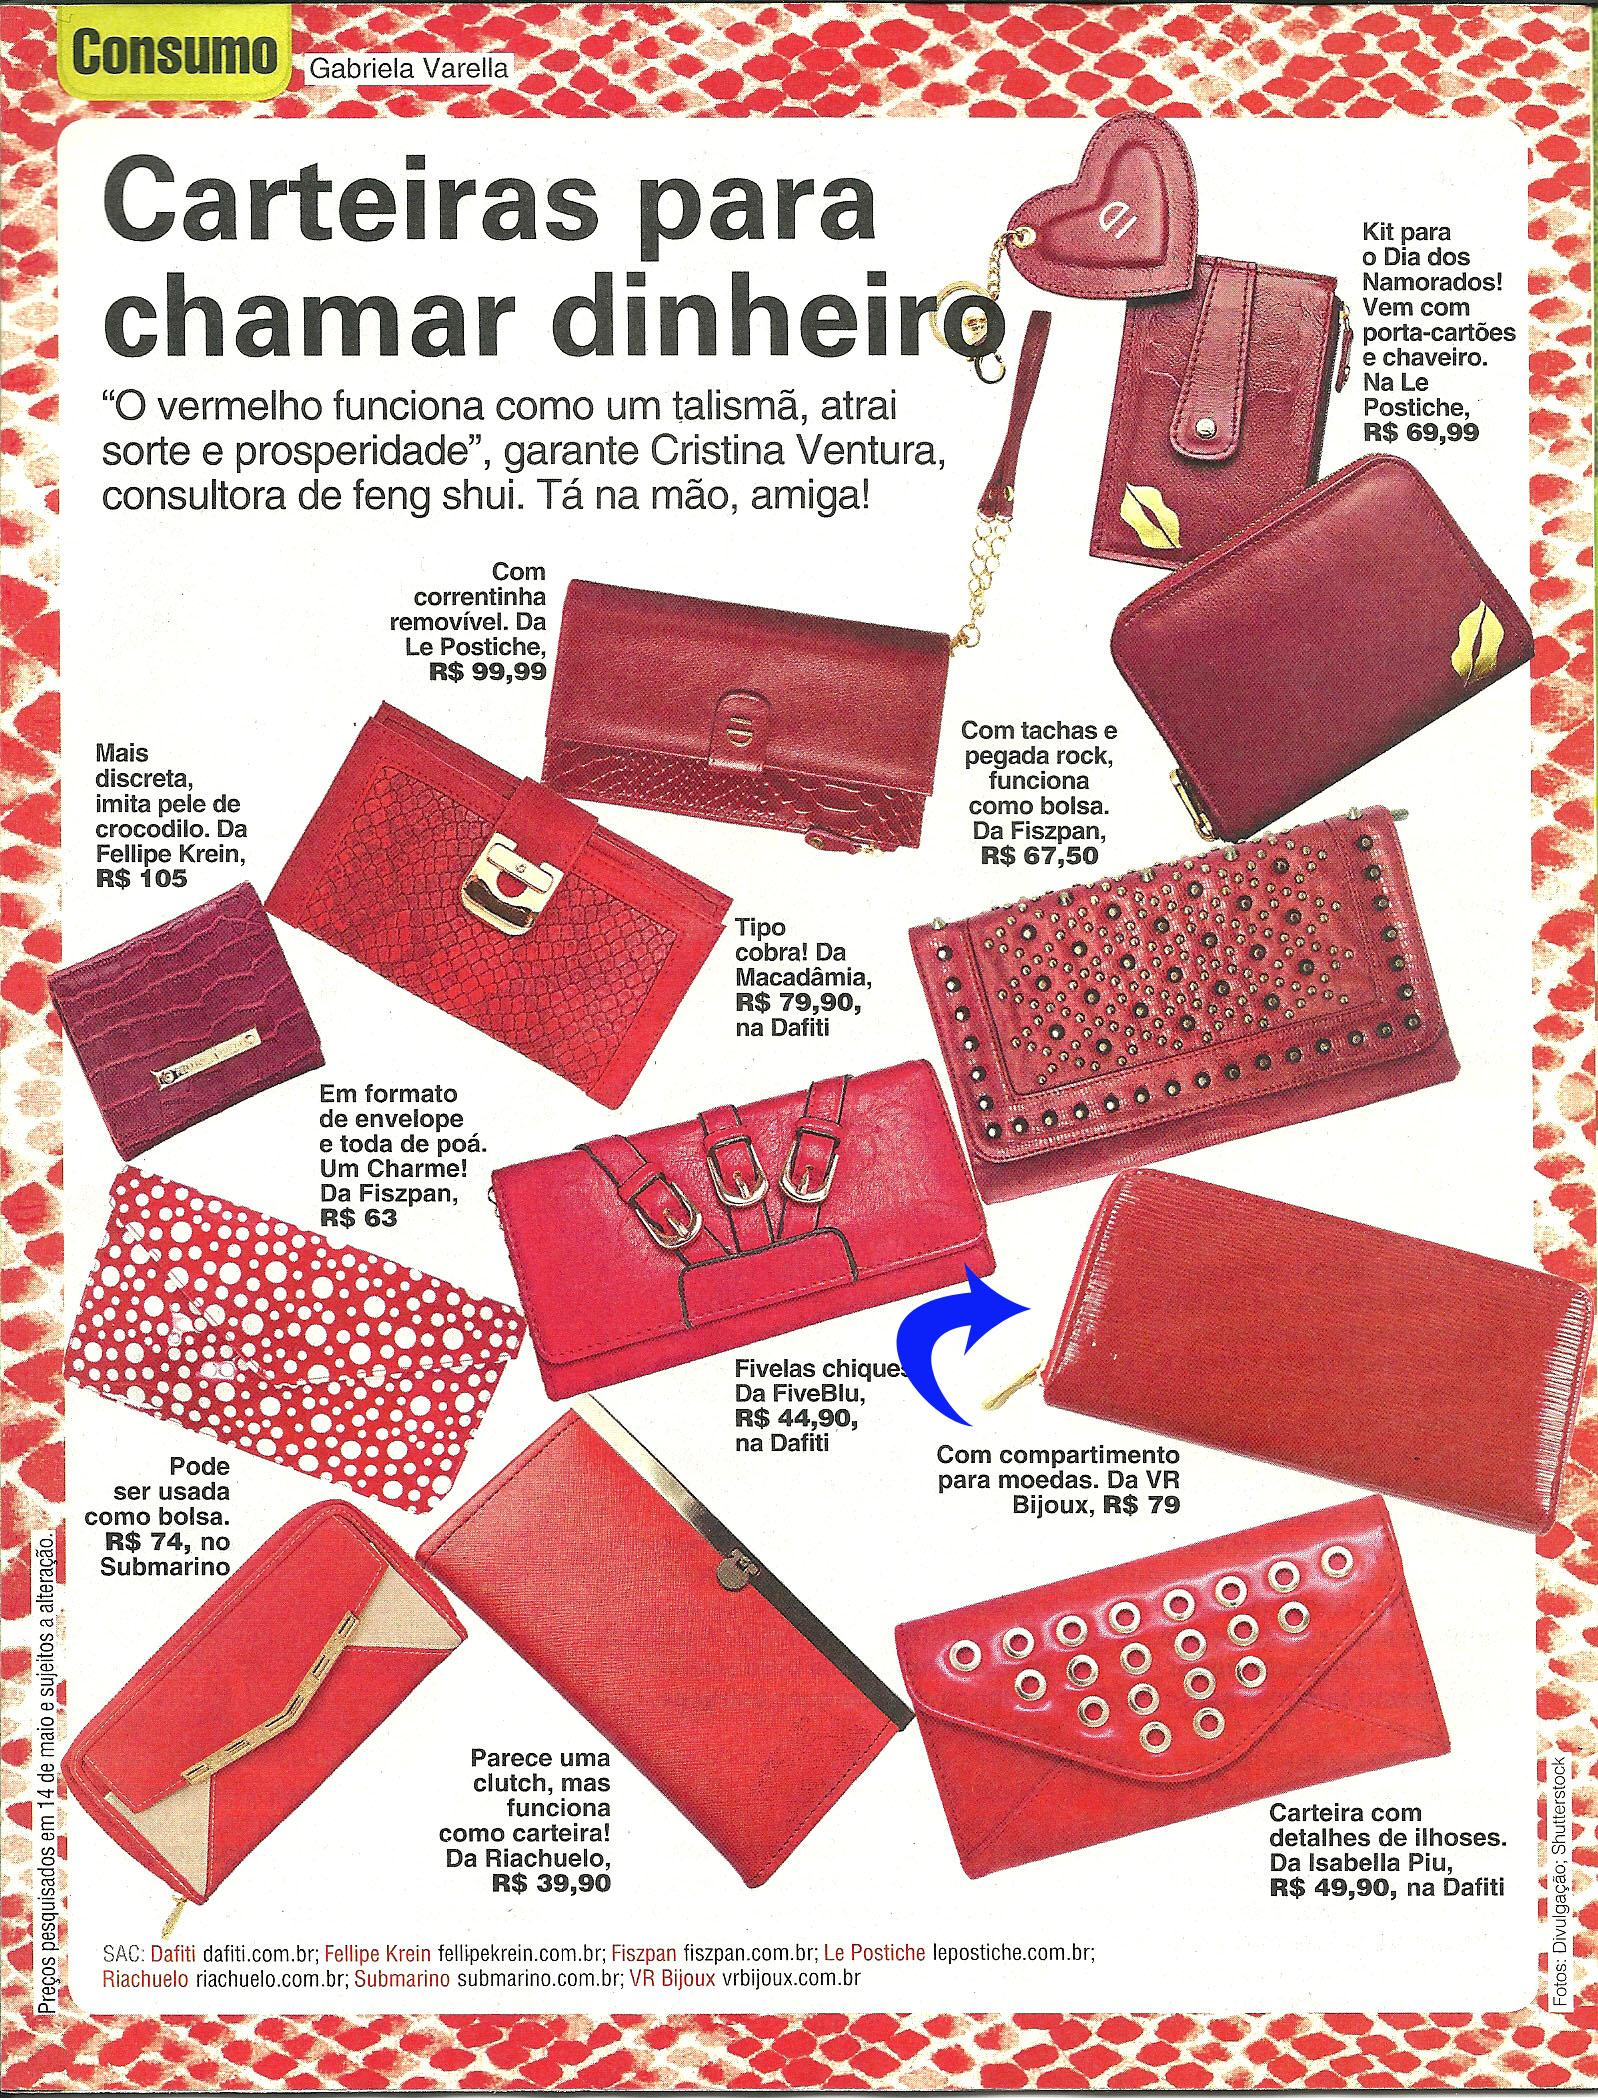 carteira vermelha da VR Bijoux foi indica como opção de compra  #AA2F21 1598 2098